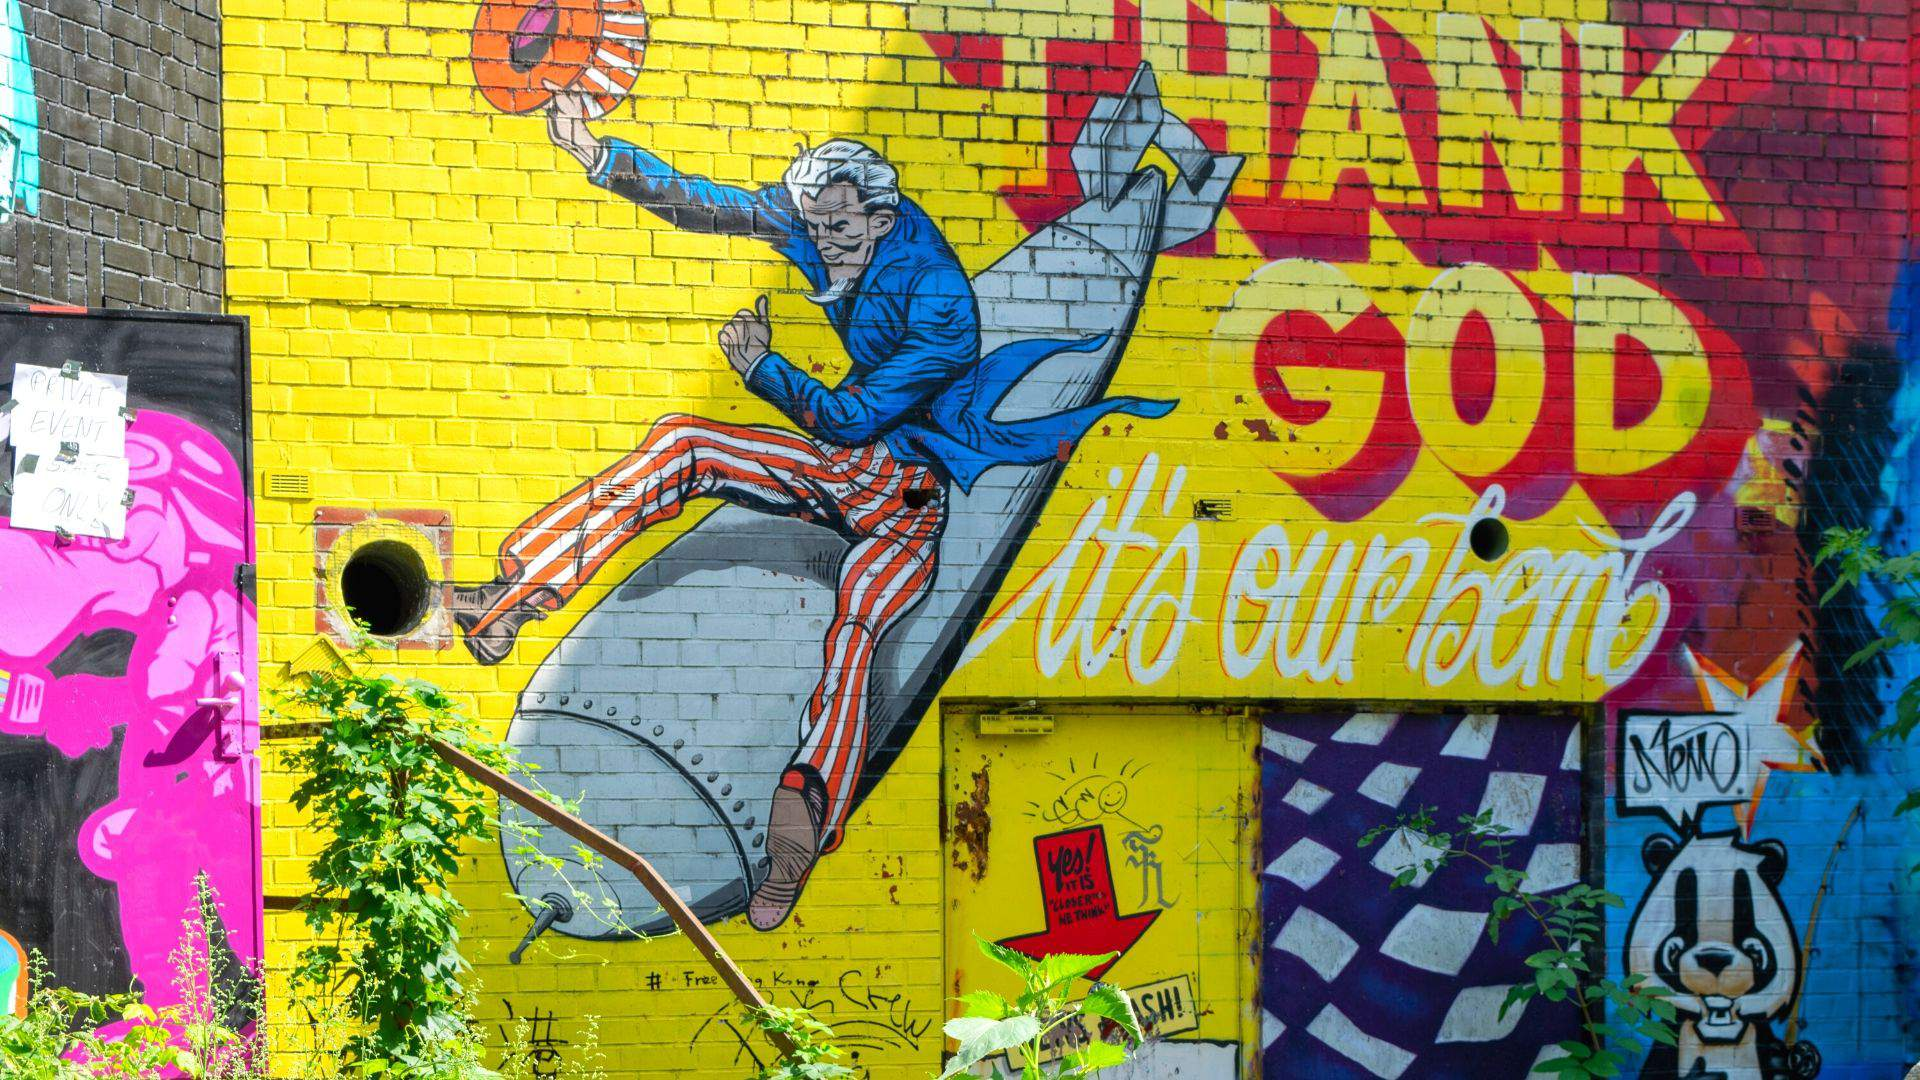 Gatvės menininkų darbai puošia daugybę Berlyno pastatų sienų